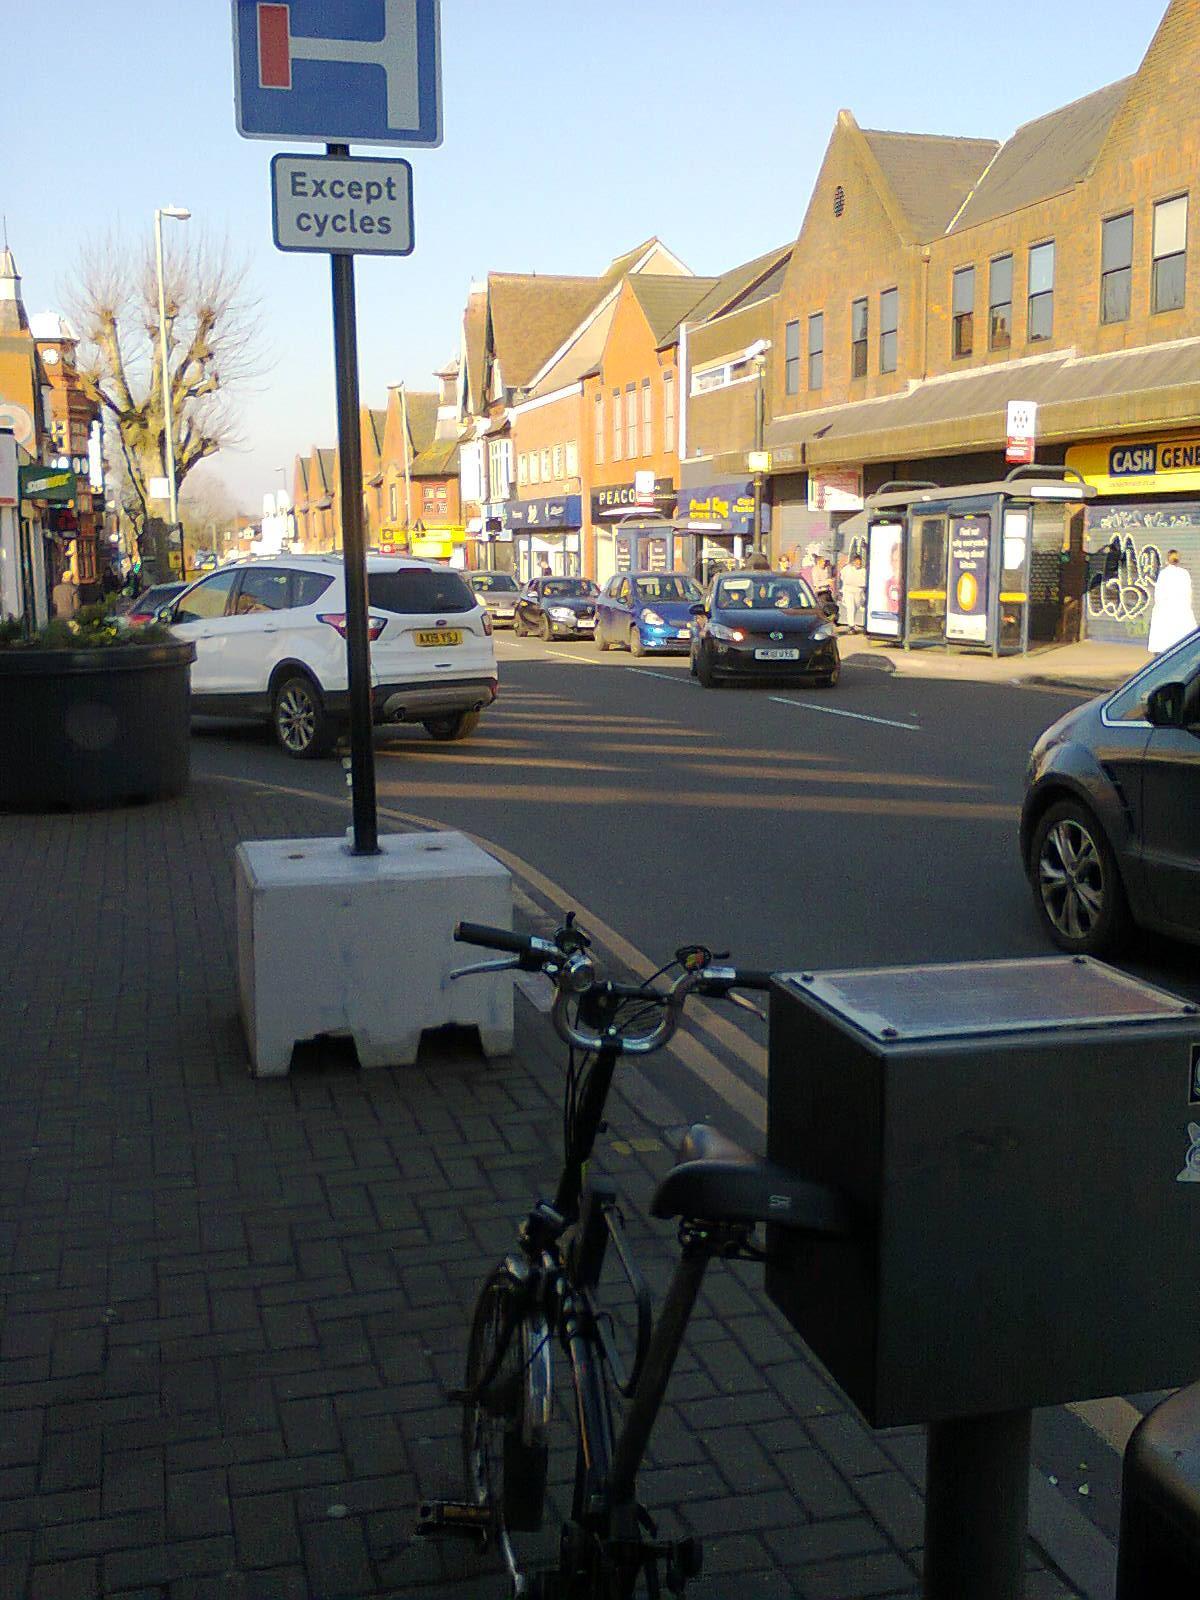 Kings Heath High Street on a Sunday